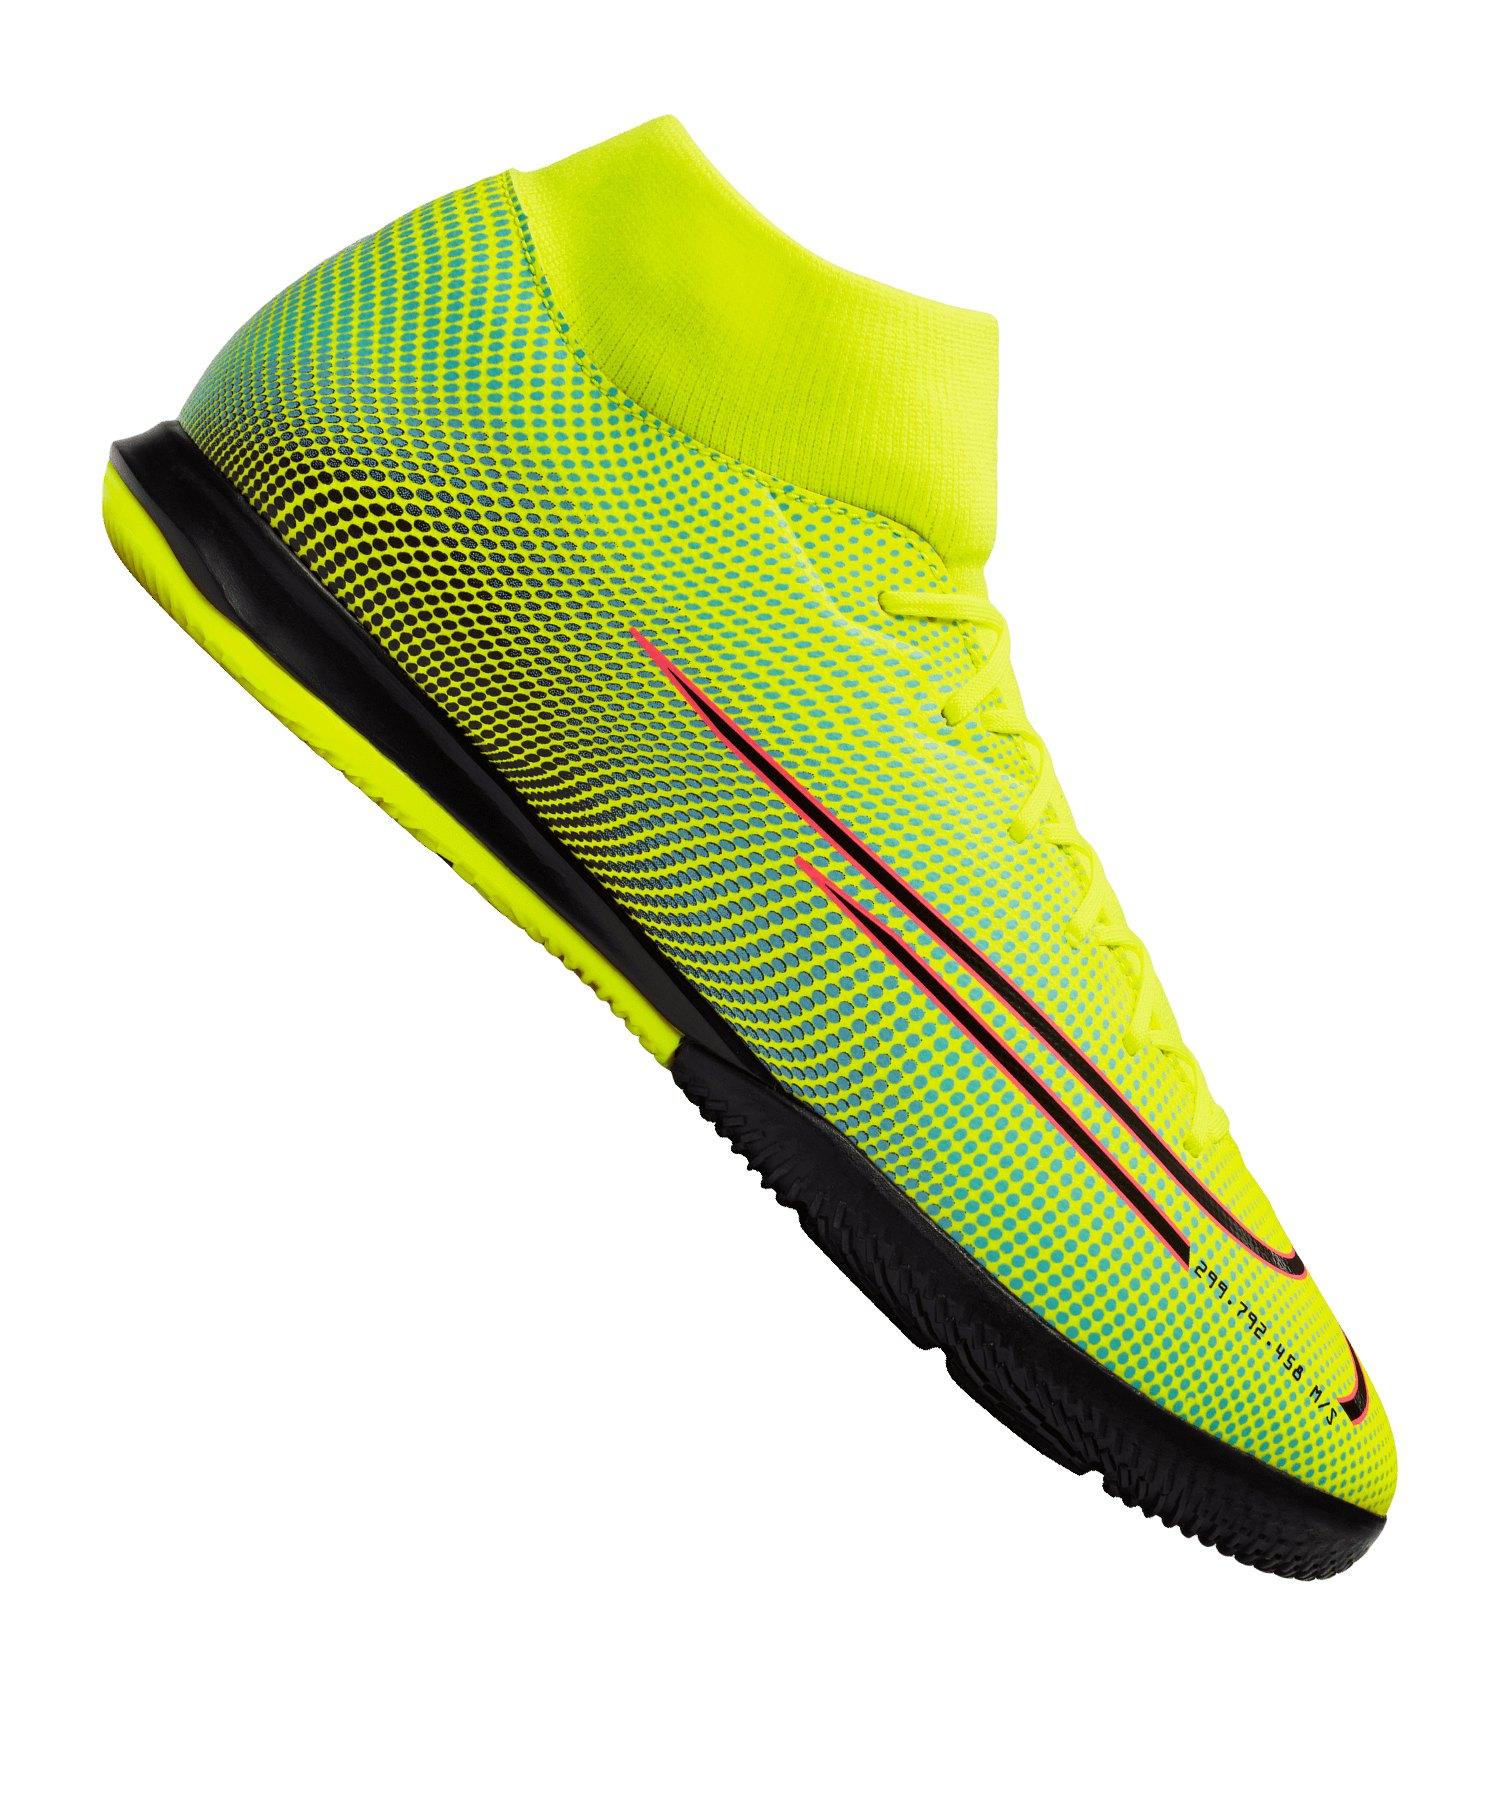 Nike Mercurial Superfly VII Dreamspeed Academy IC Gelb F703 - gelb